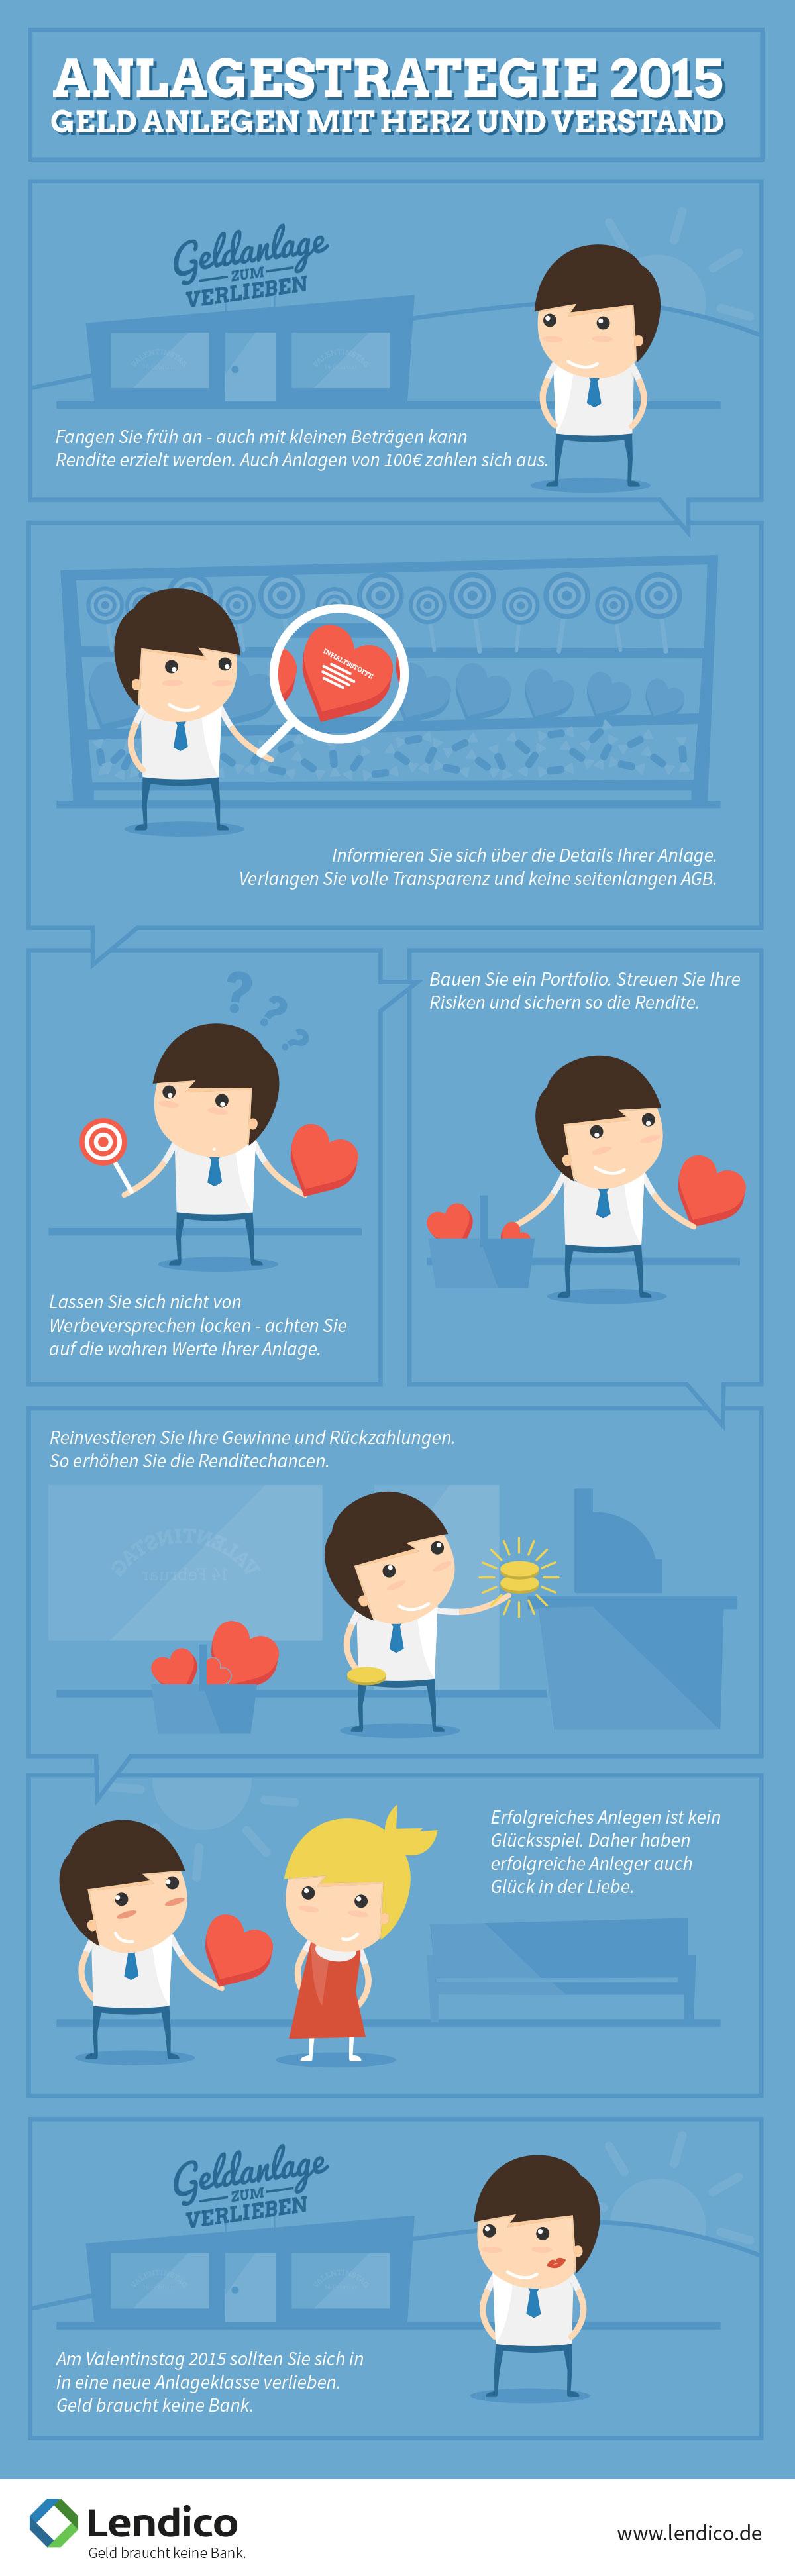 156501 150211 valentines day infographic i de 8ba1d6 original 1423781863